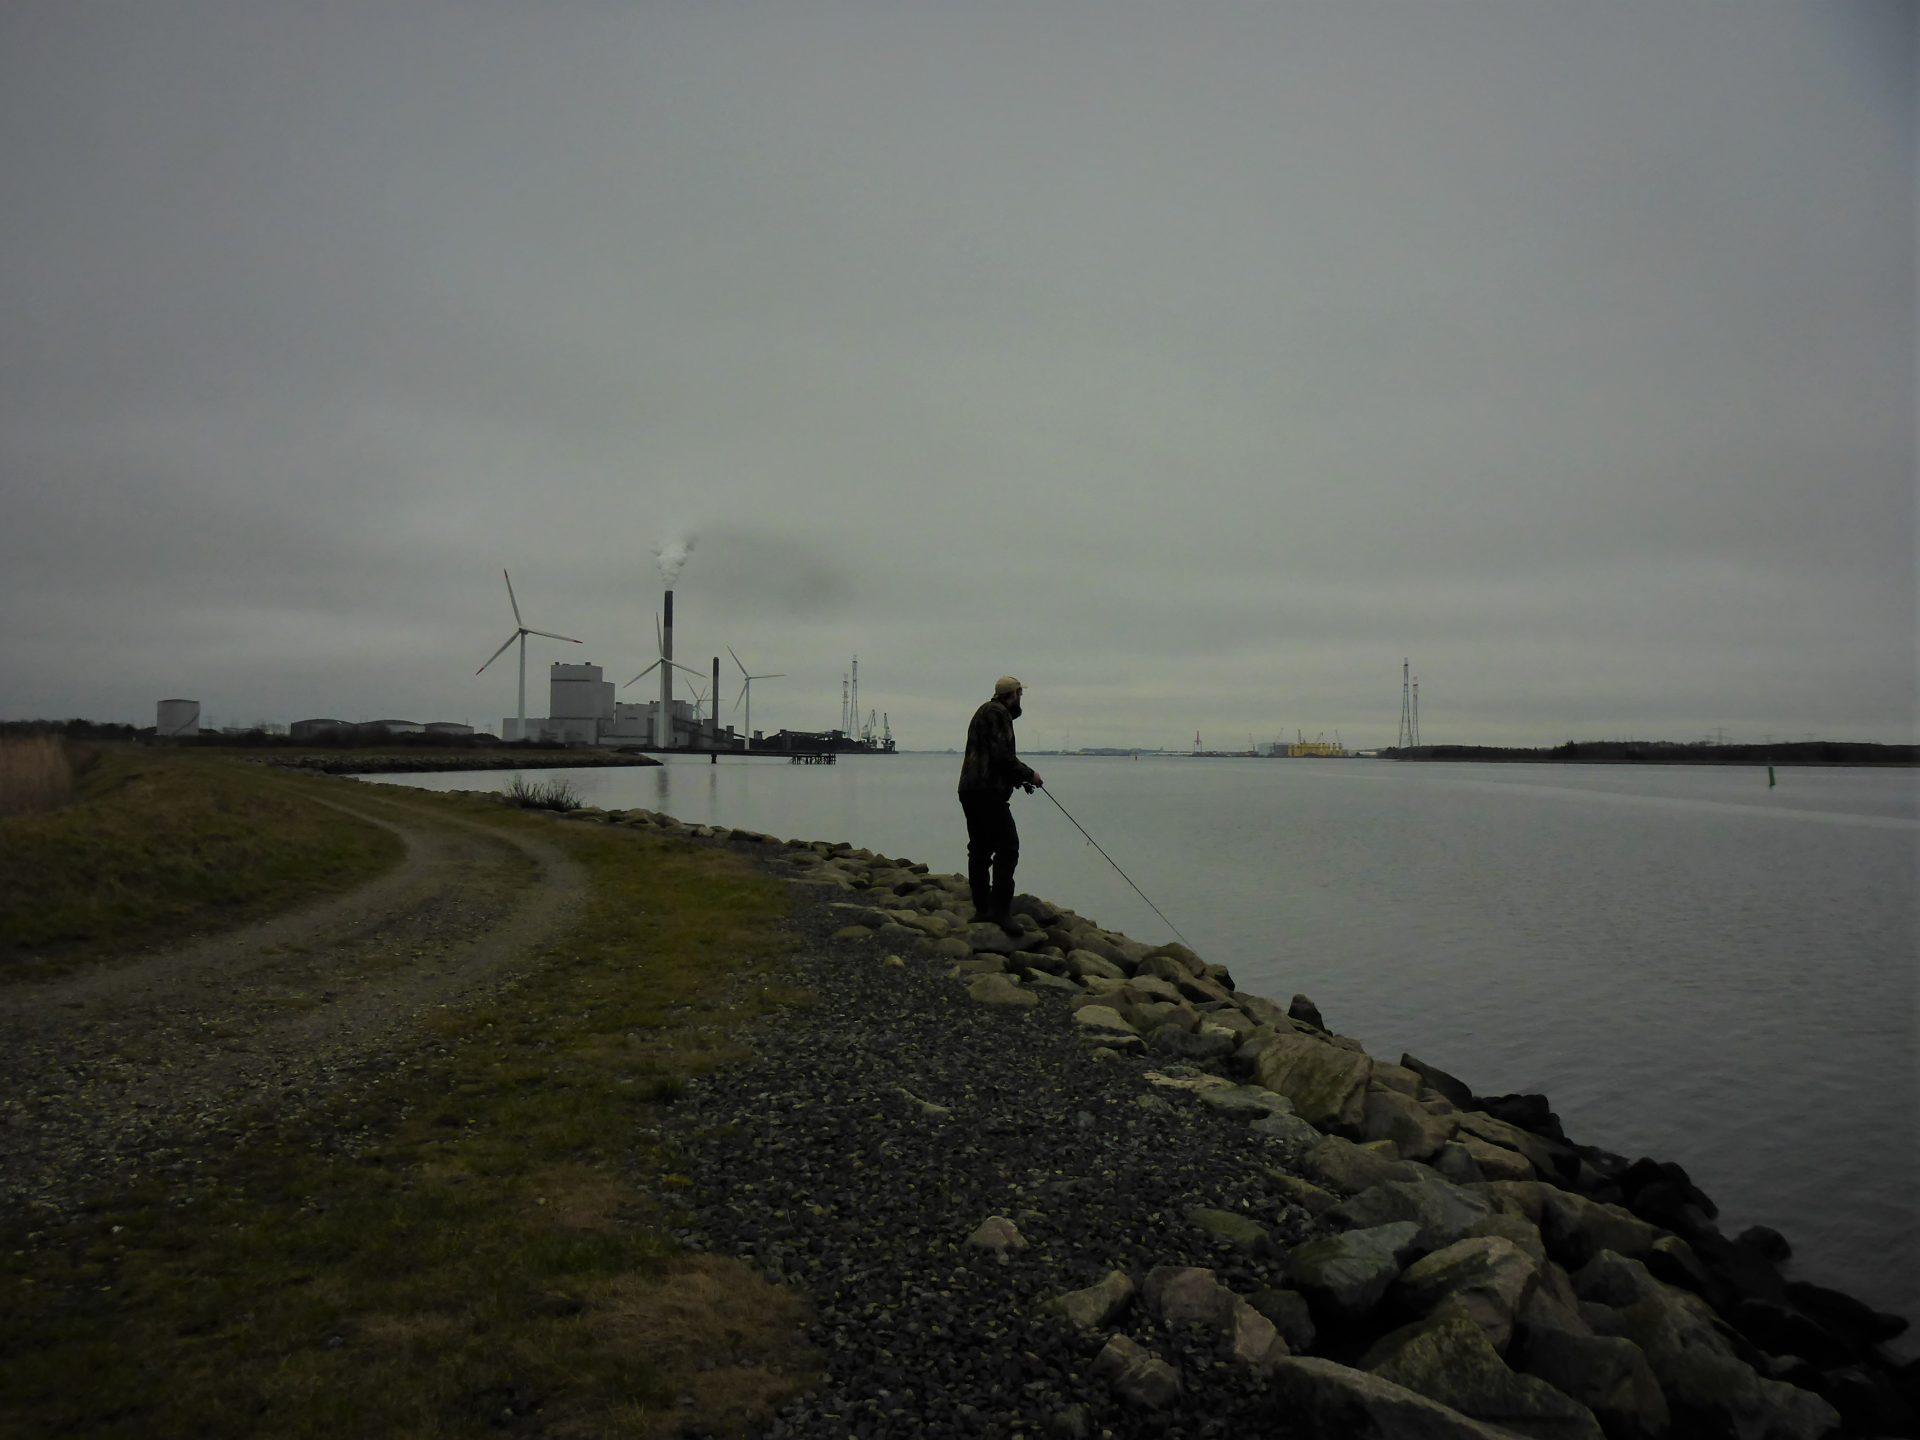 Rærup ved Limfjorden er en god helårsplads til fangst af havørred.